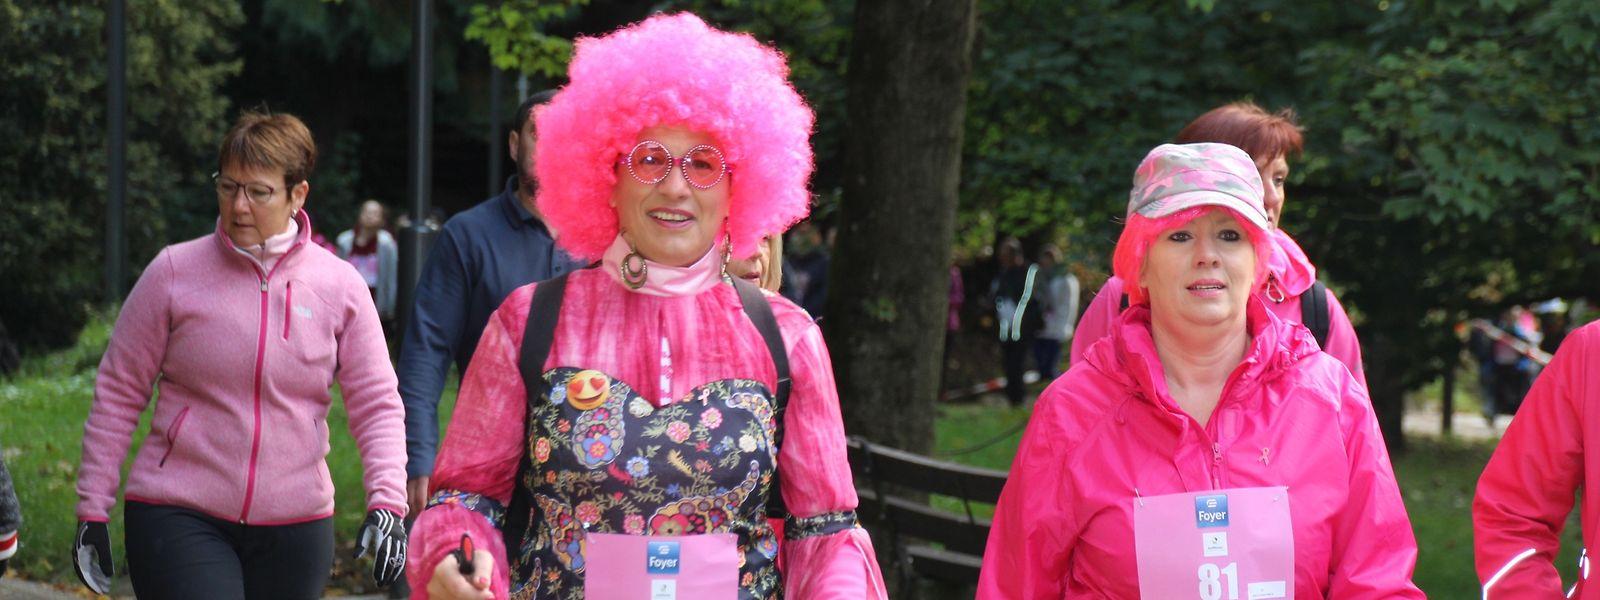 Pink, die Symbolfarbe im Kampf gegen Brustkrebs, dominierte bei den Outfits der Teilnehmer.